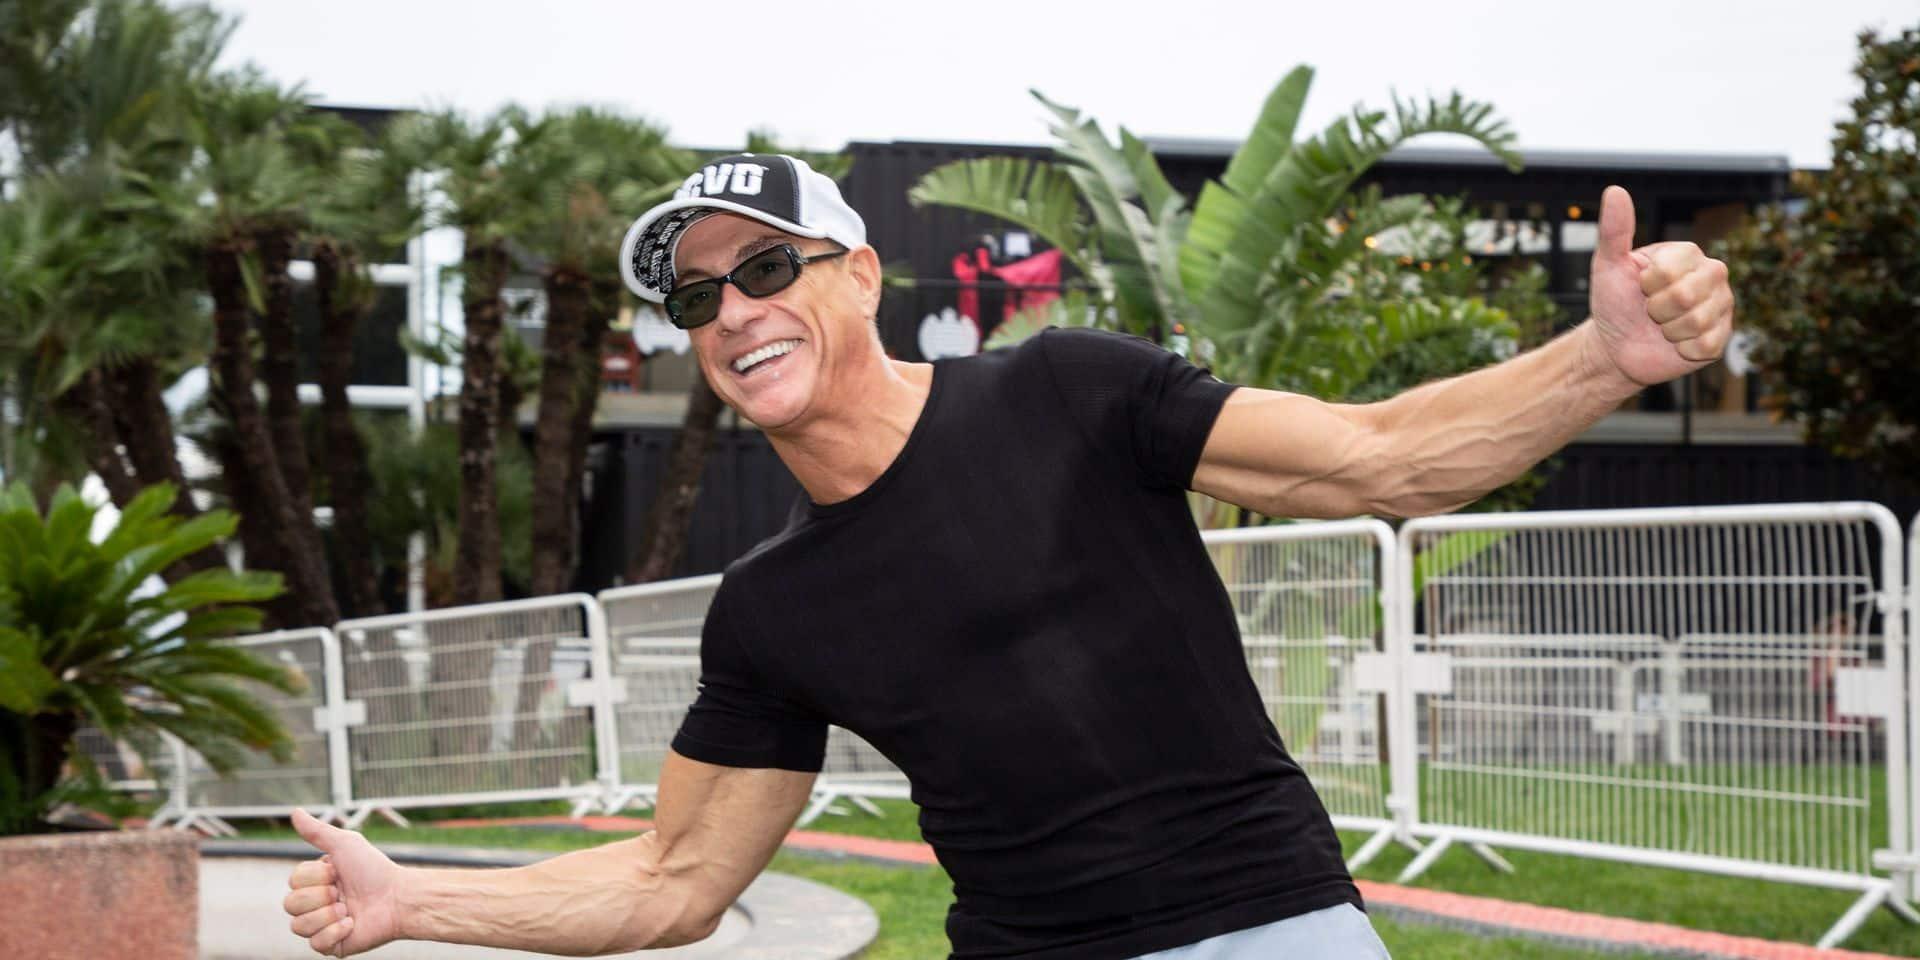 Jean-Claude Van Damme aurait-il trouvé le grand amour avec une star de télé-réalité?